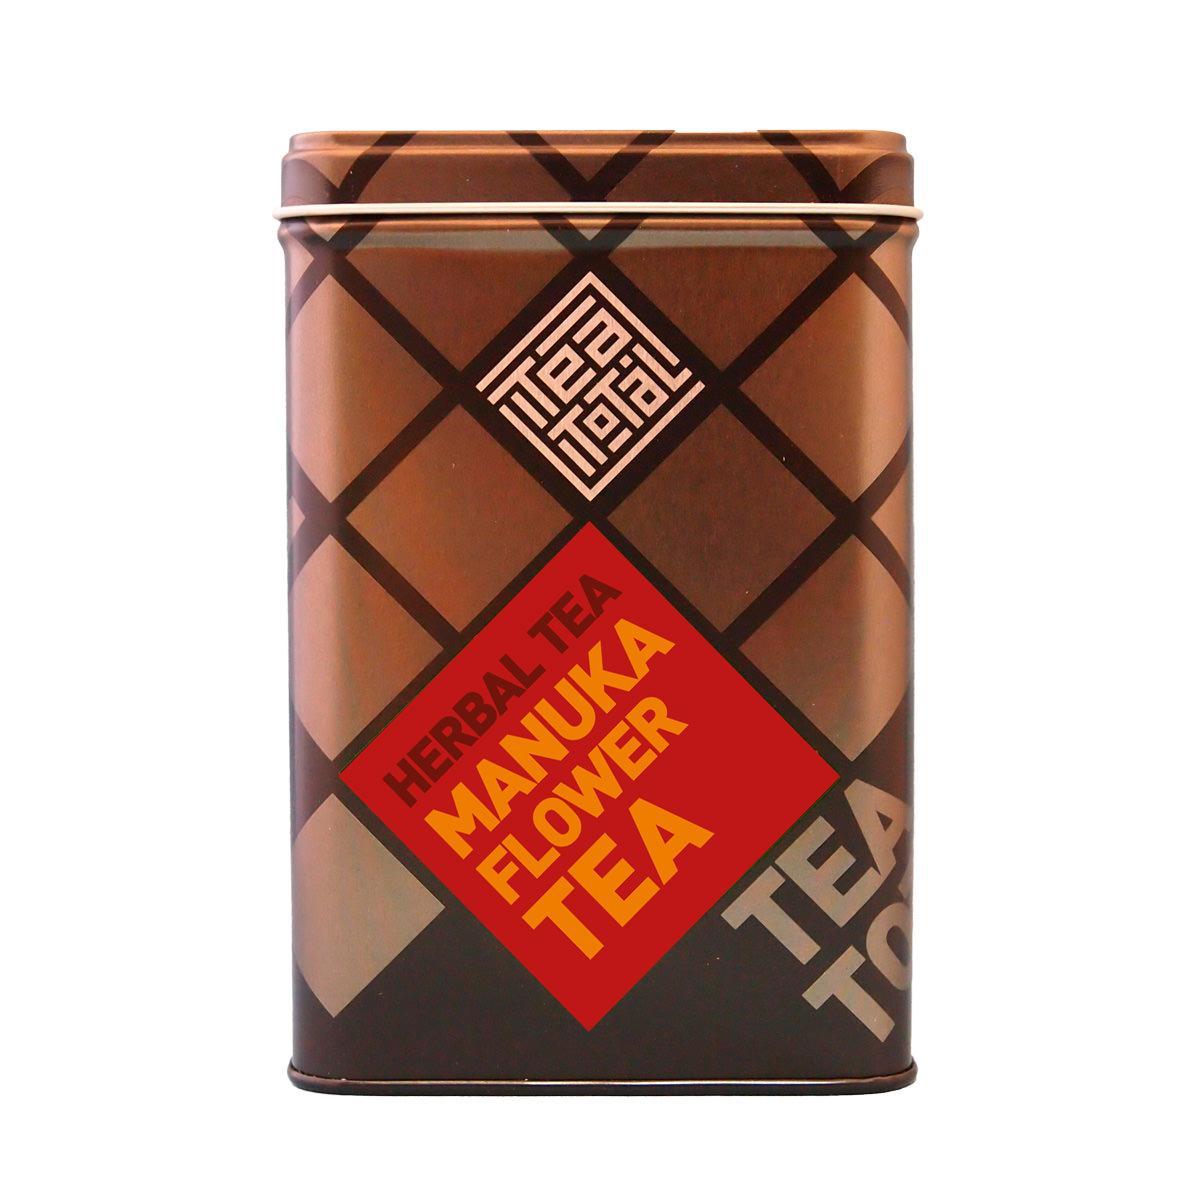 マヌカ フラワーティー ティーバッグ(20包)